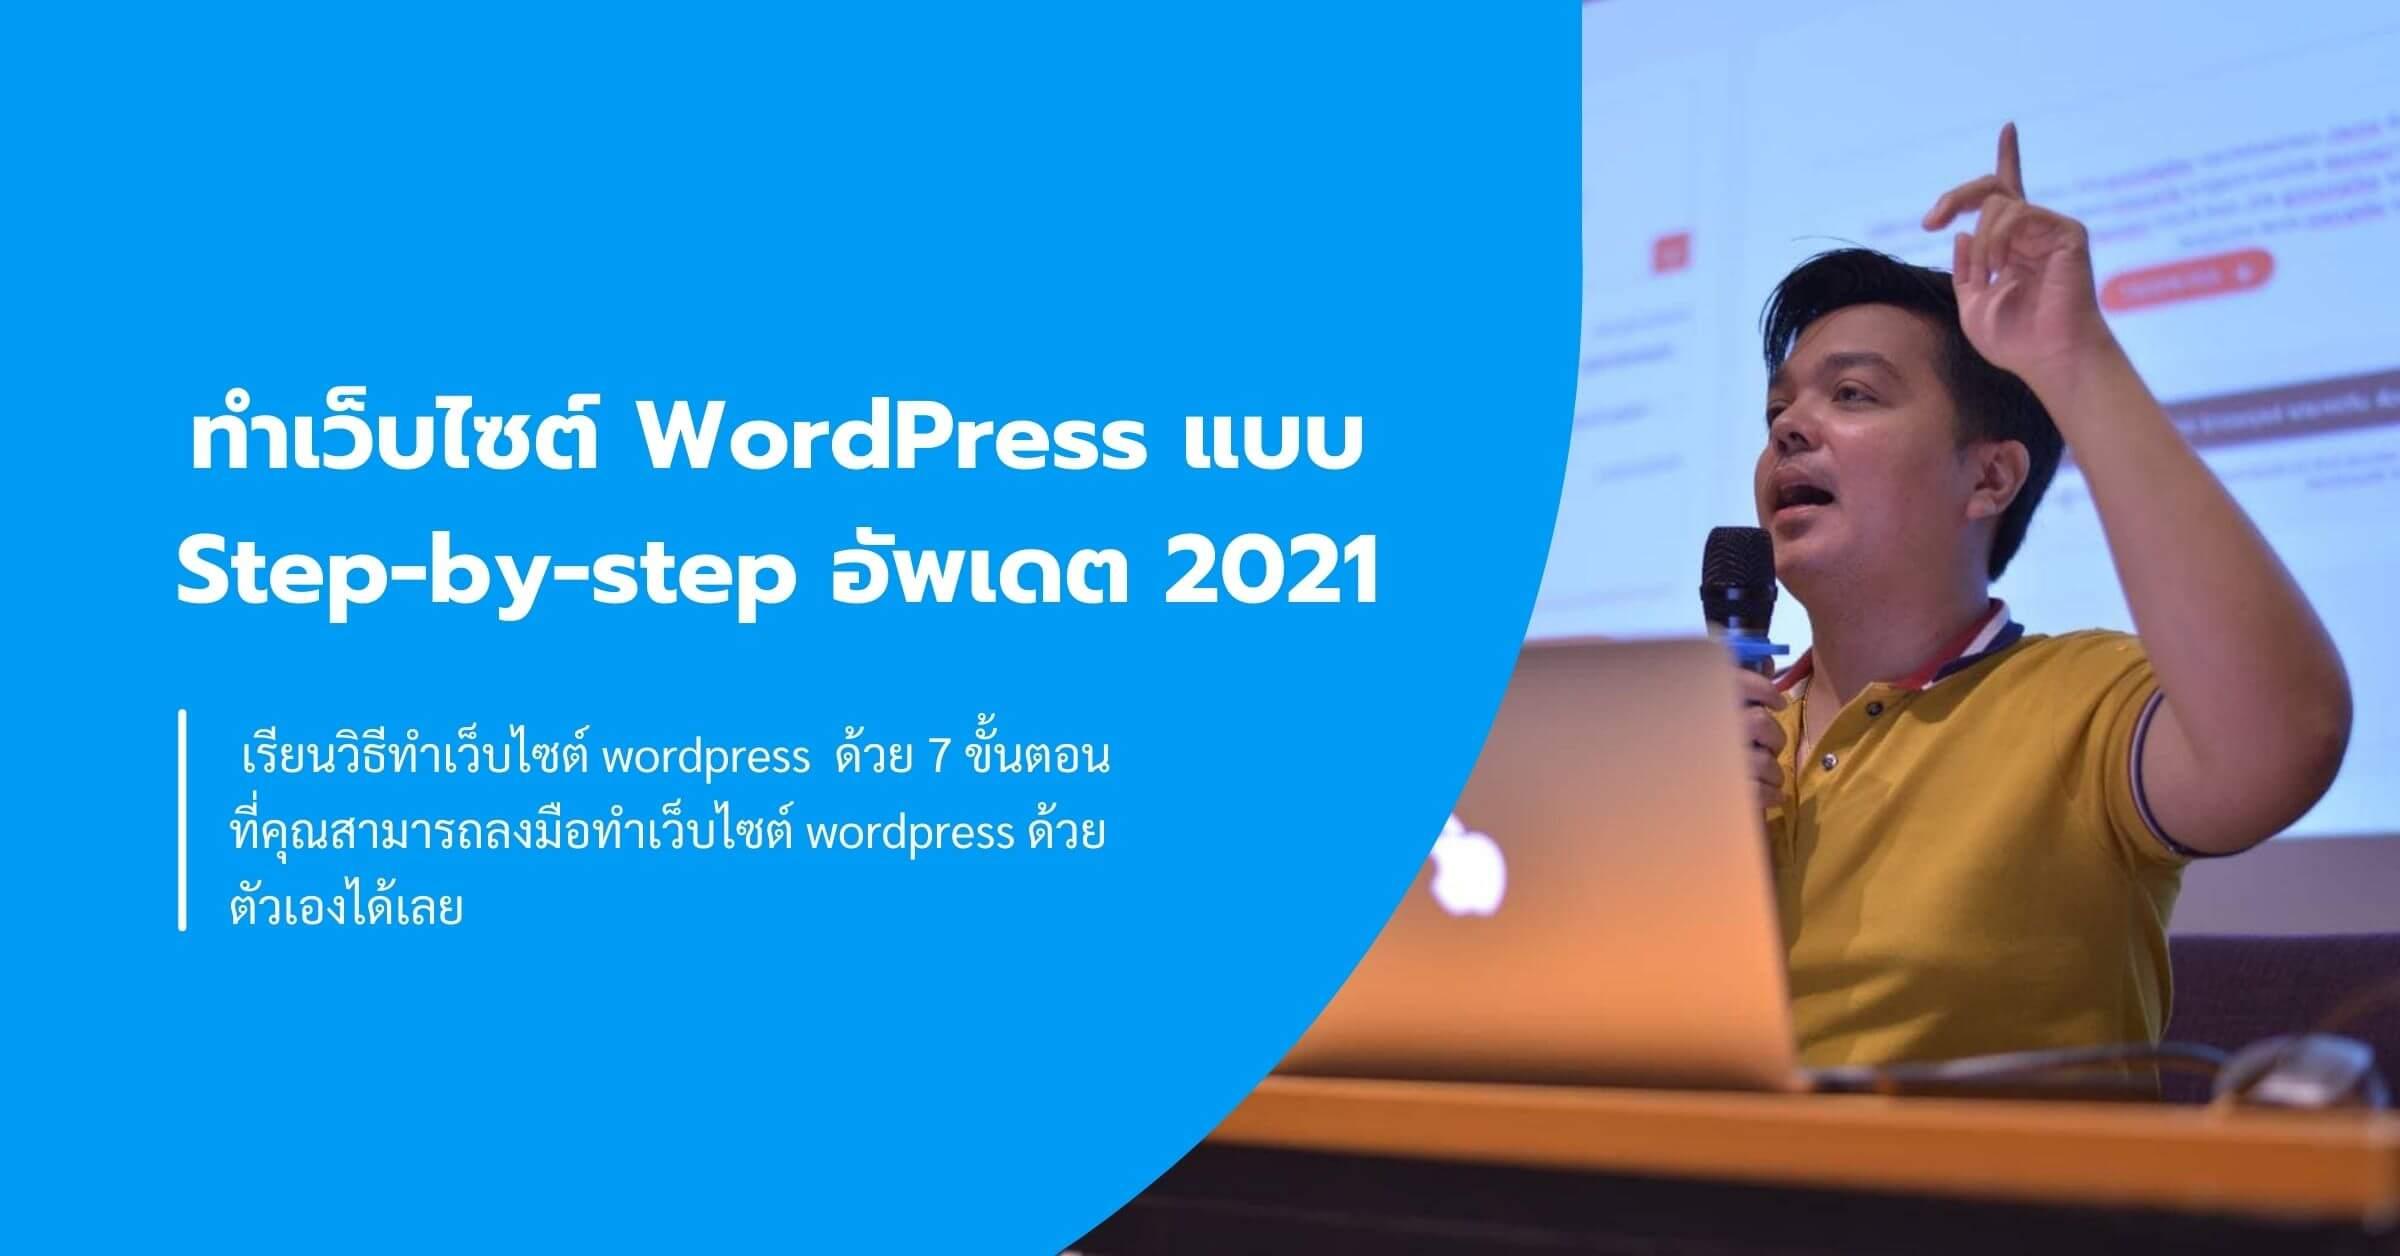 ทําเว็บไซต์ WordPress